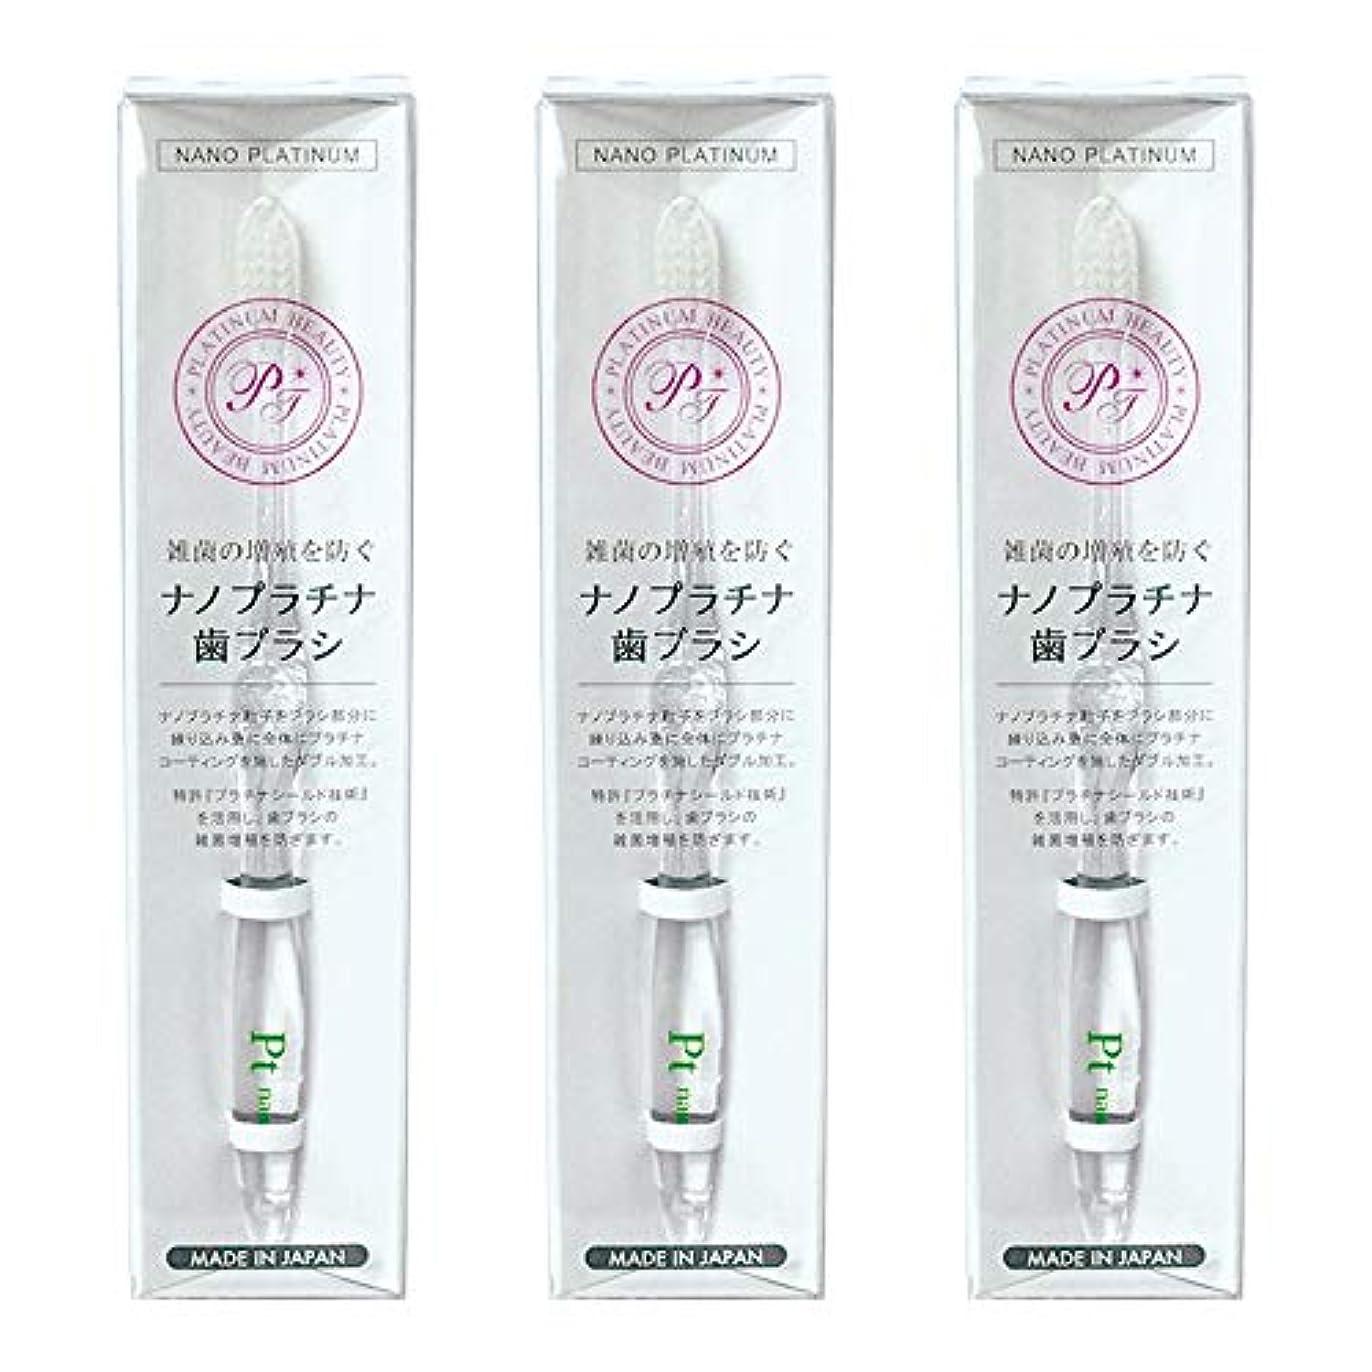 ミリメーター暗殺するカストディアン歯ブラシ プラチナナノ粒子配合 日本製 3本セット(グリーン3本)